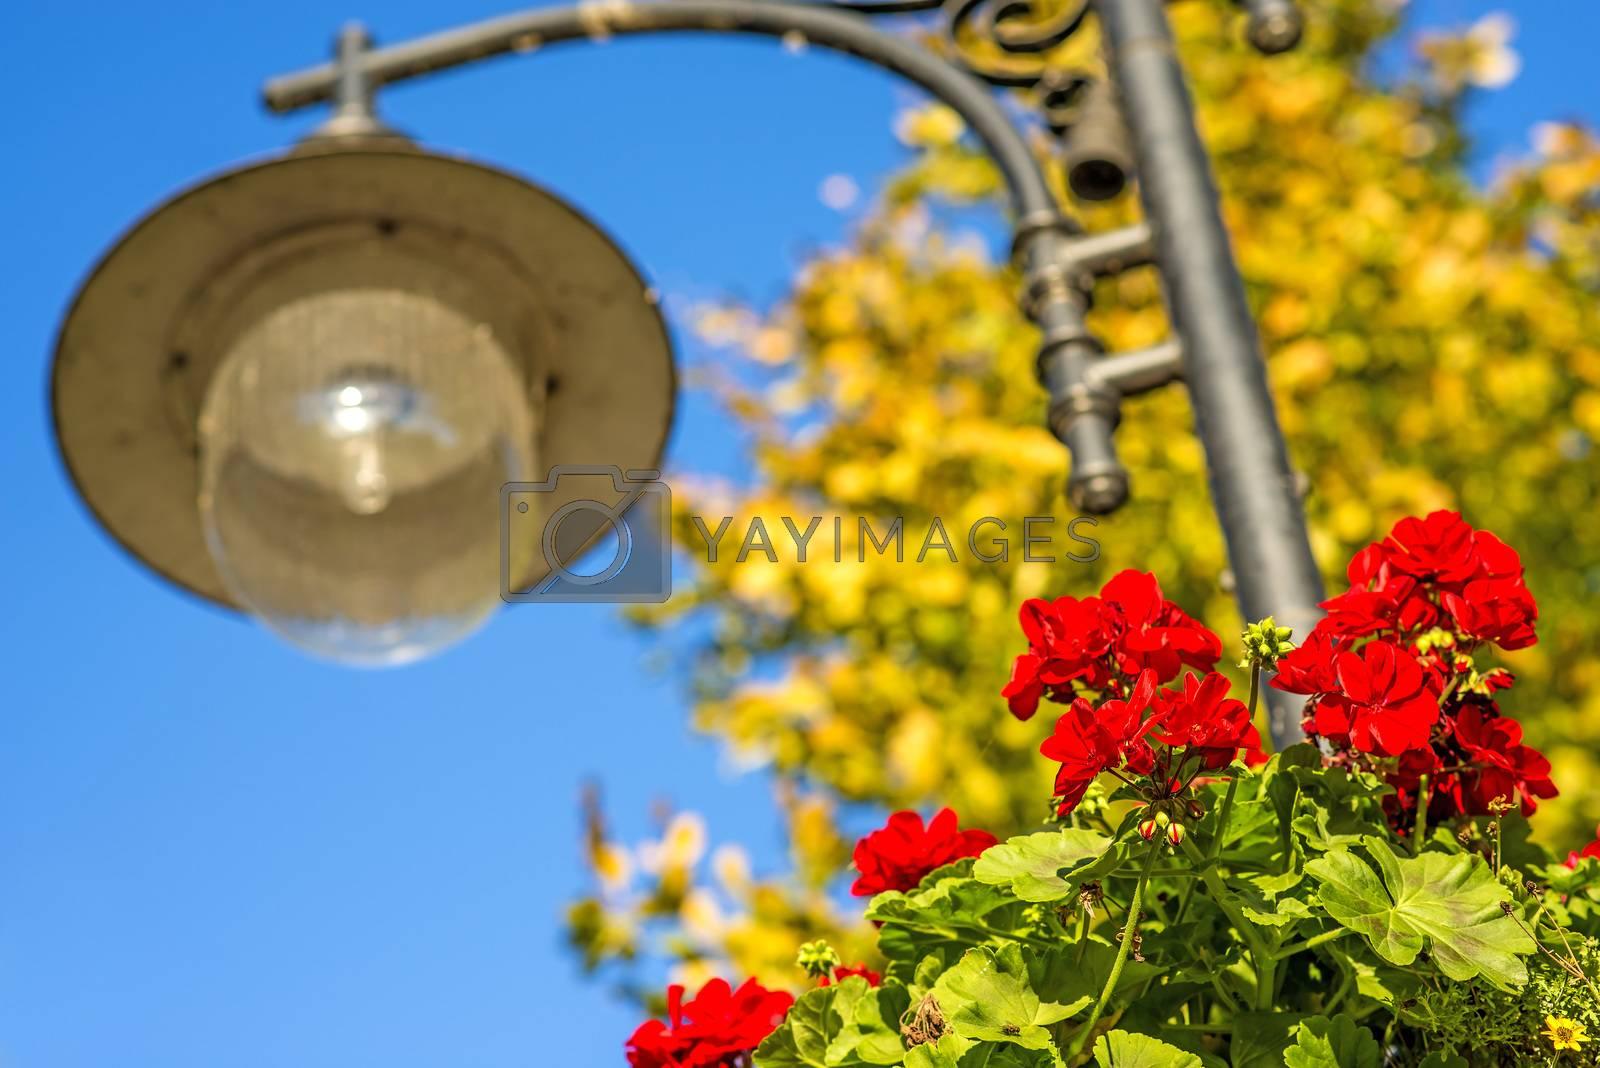 street lantern with red flowers by Jochen